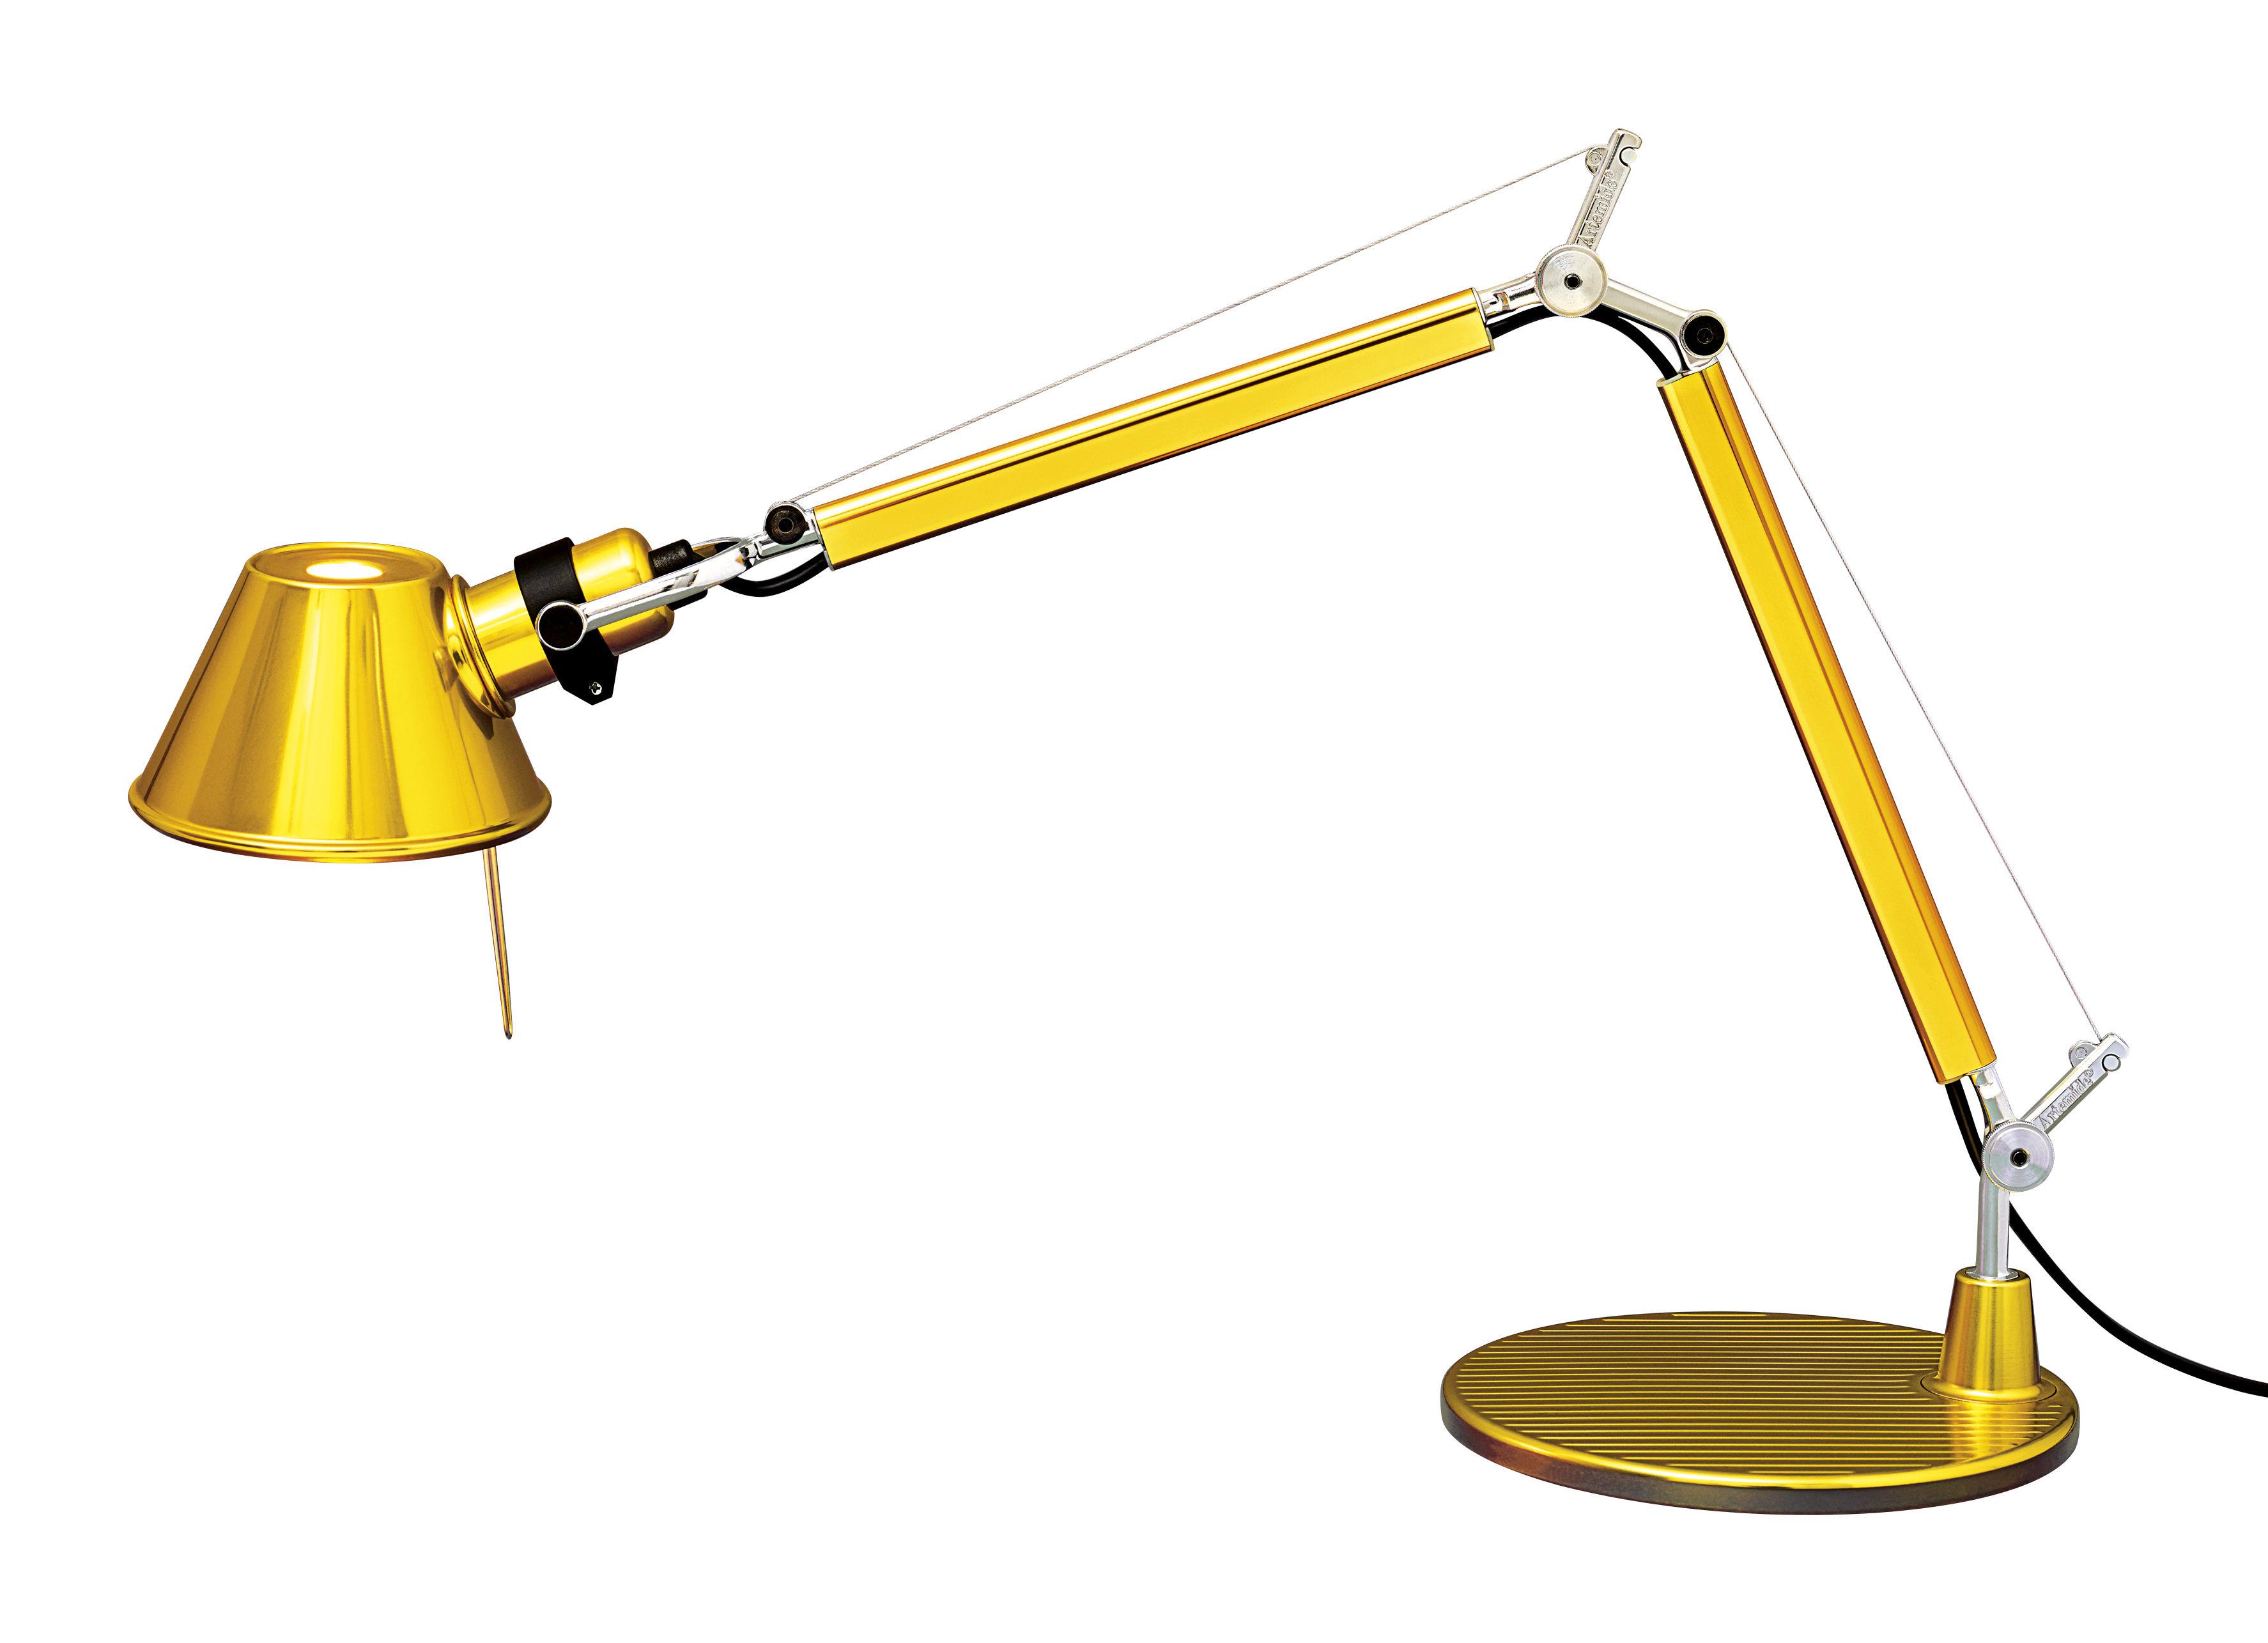 Leuchten - Tischleuchten - Tolomeo Micro Gold Tischleuchte / limitierte Auflage - Artemide - Goldkupfer - Aluminium